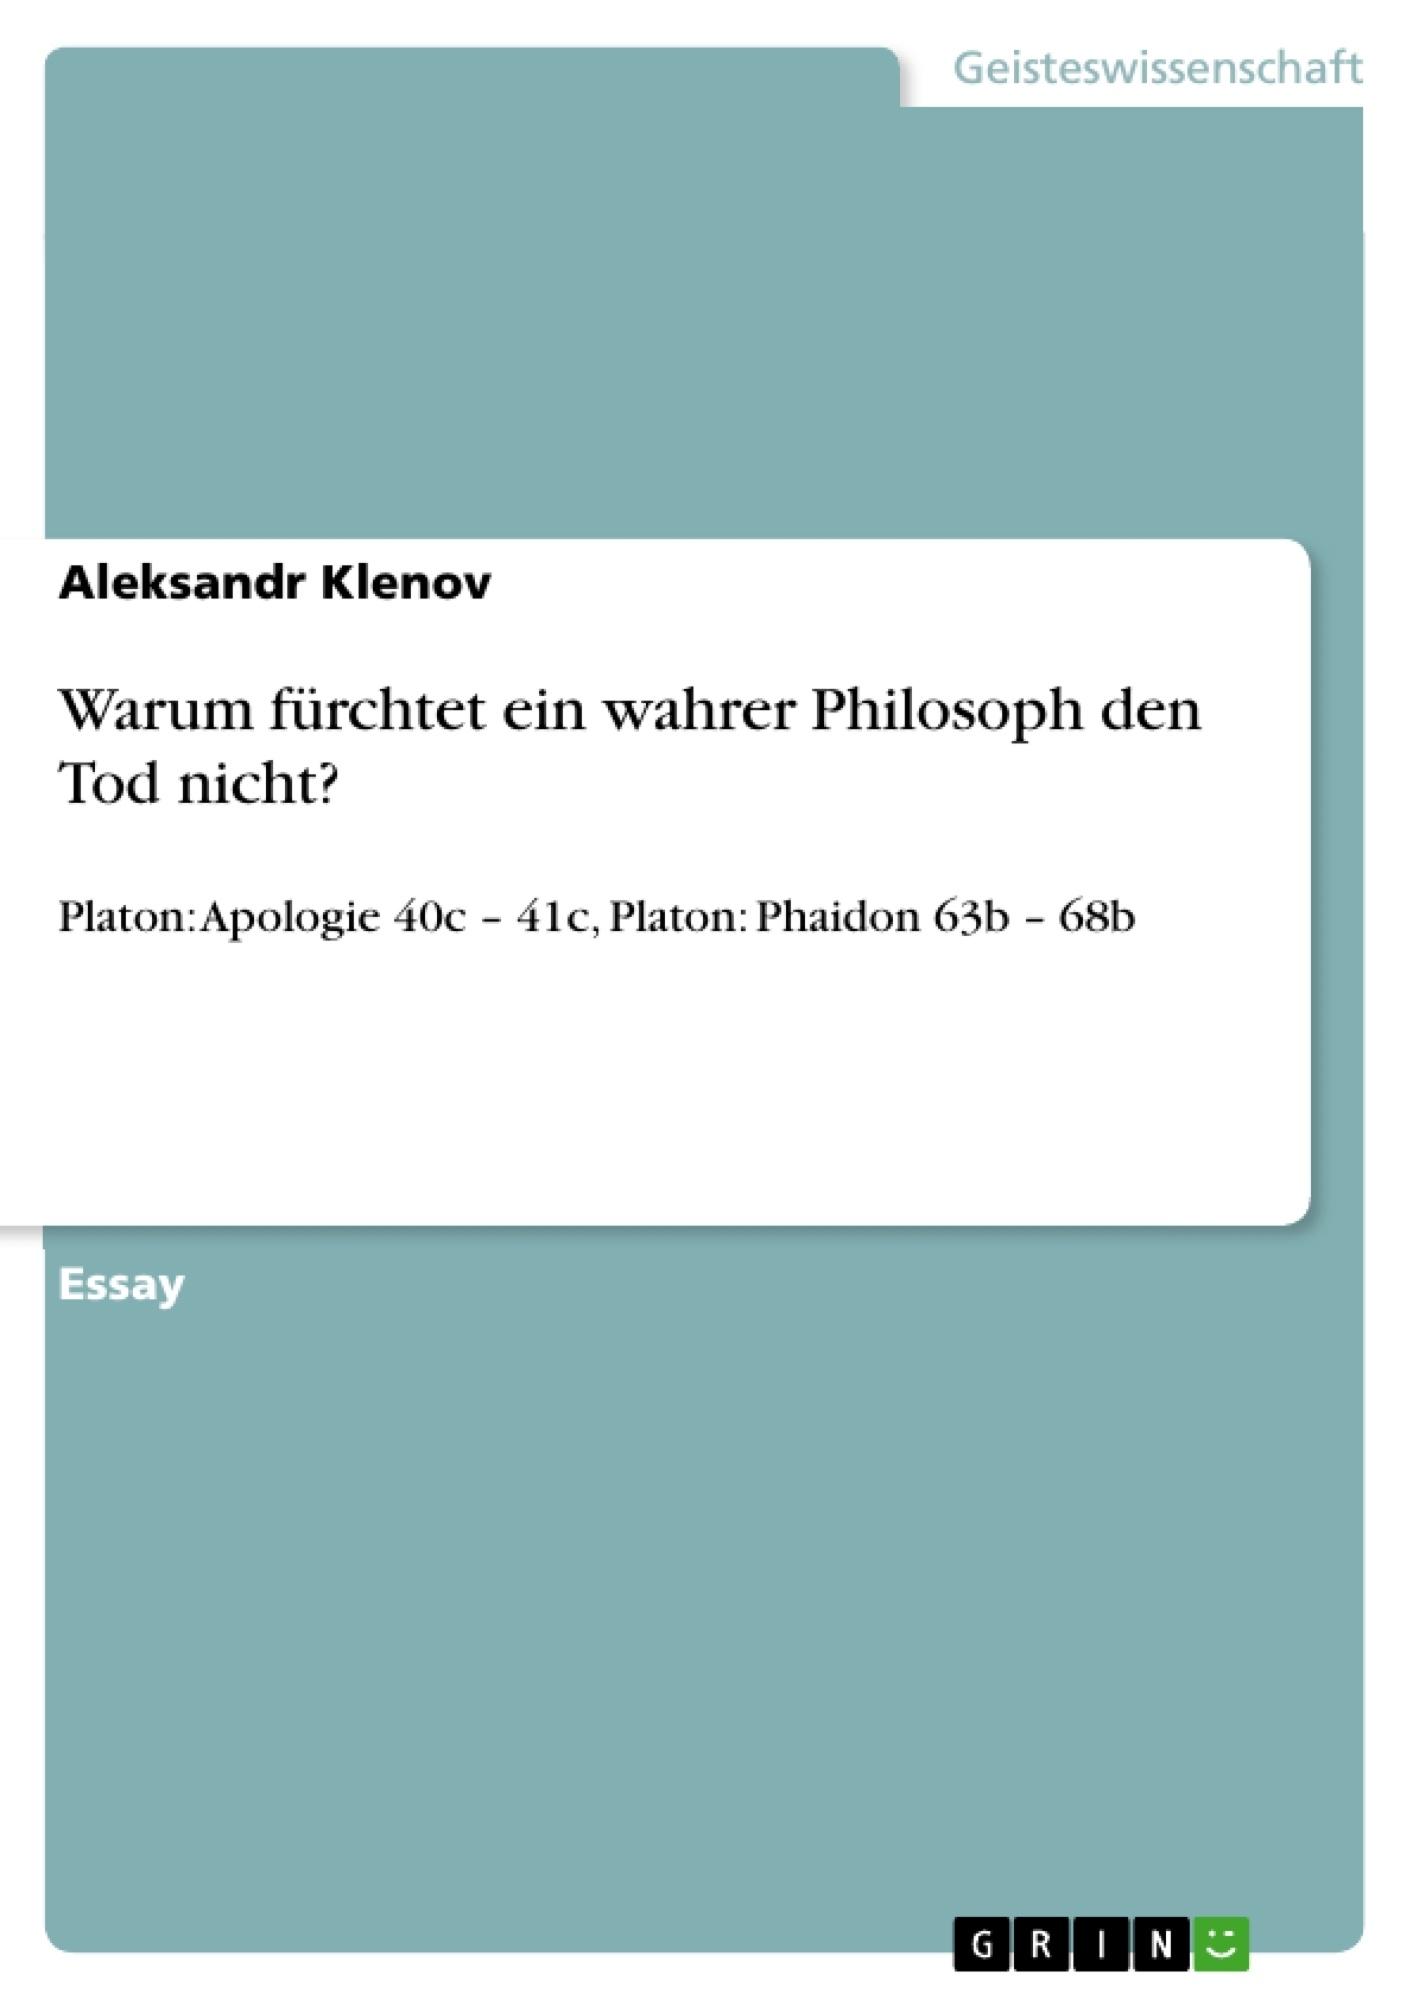 Titel: Warum fürchtet ein wahrer Philosoph den Tod nicht?